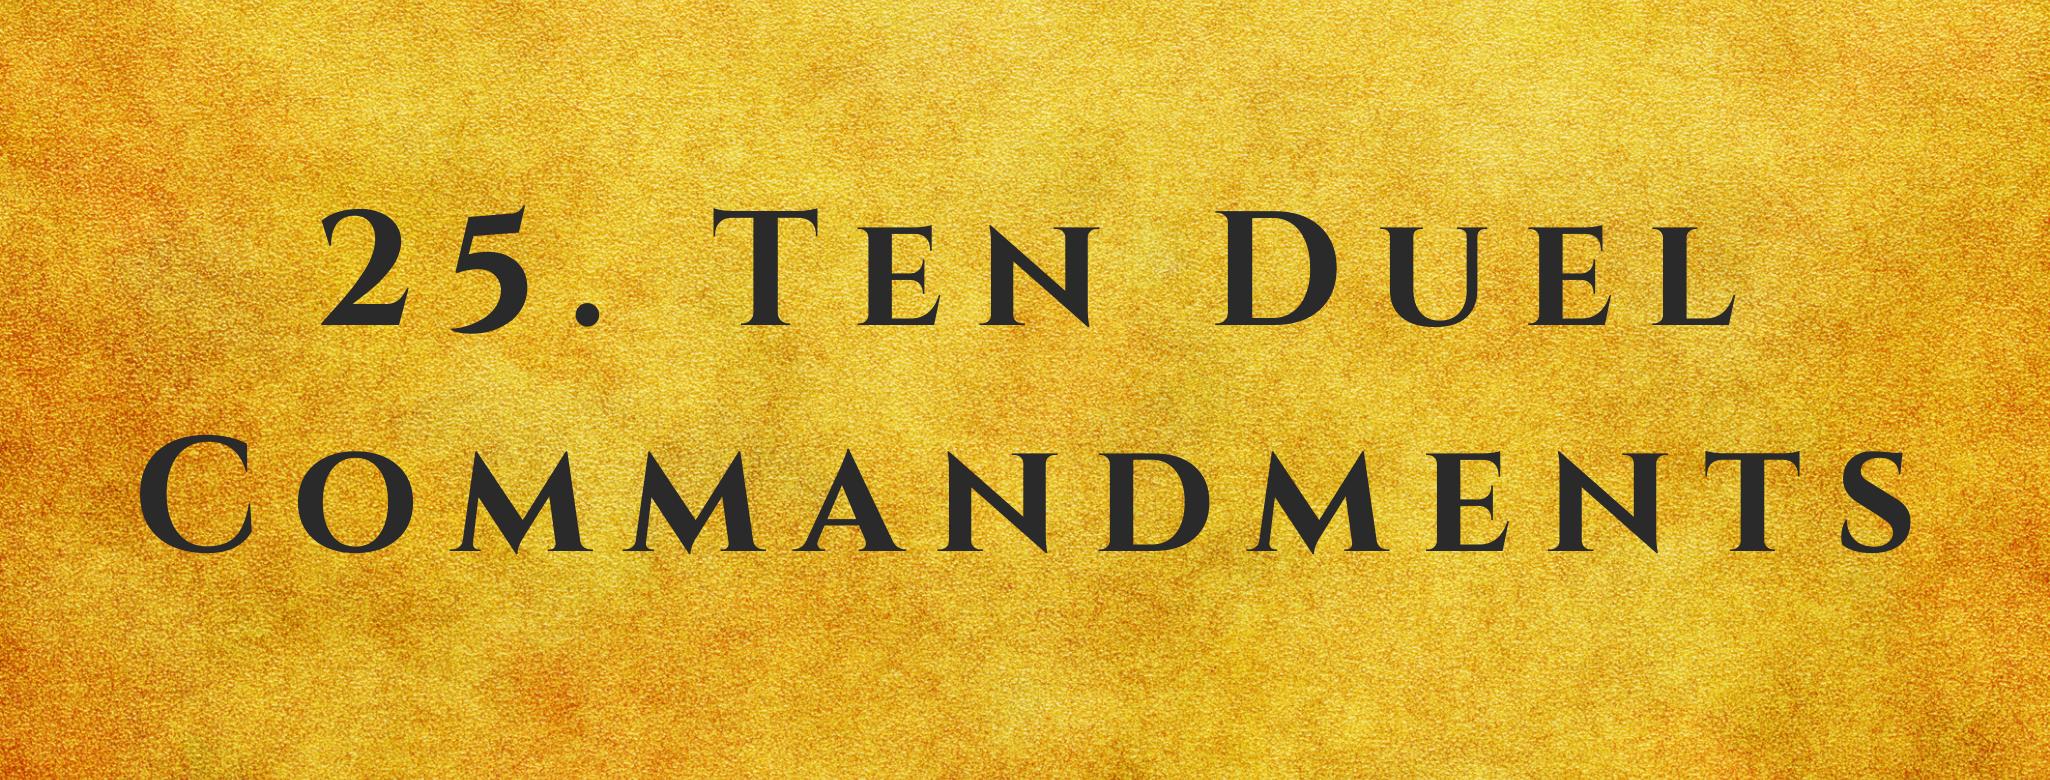 #25 Ten Duel Commandments